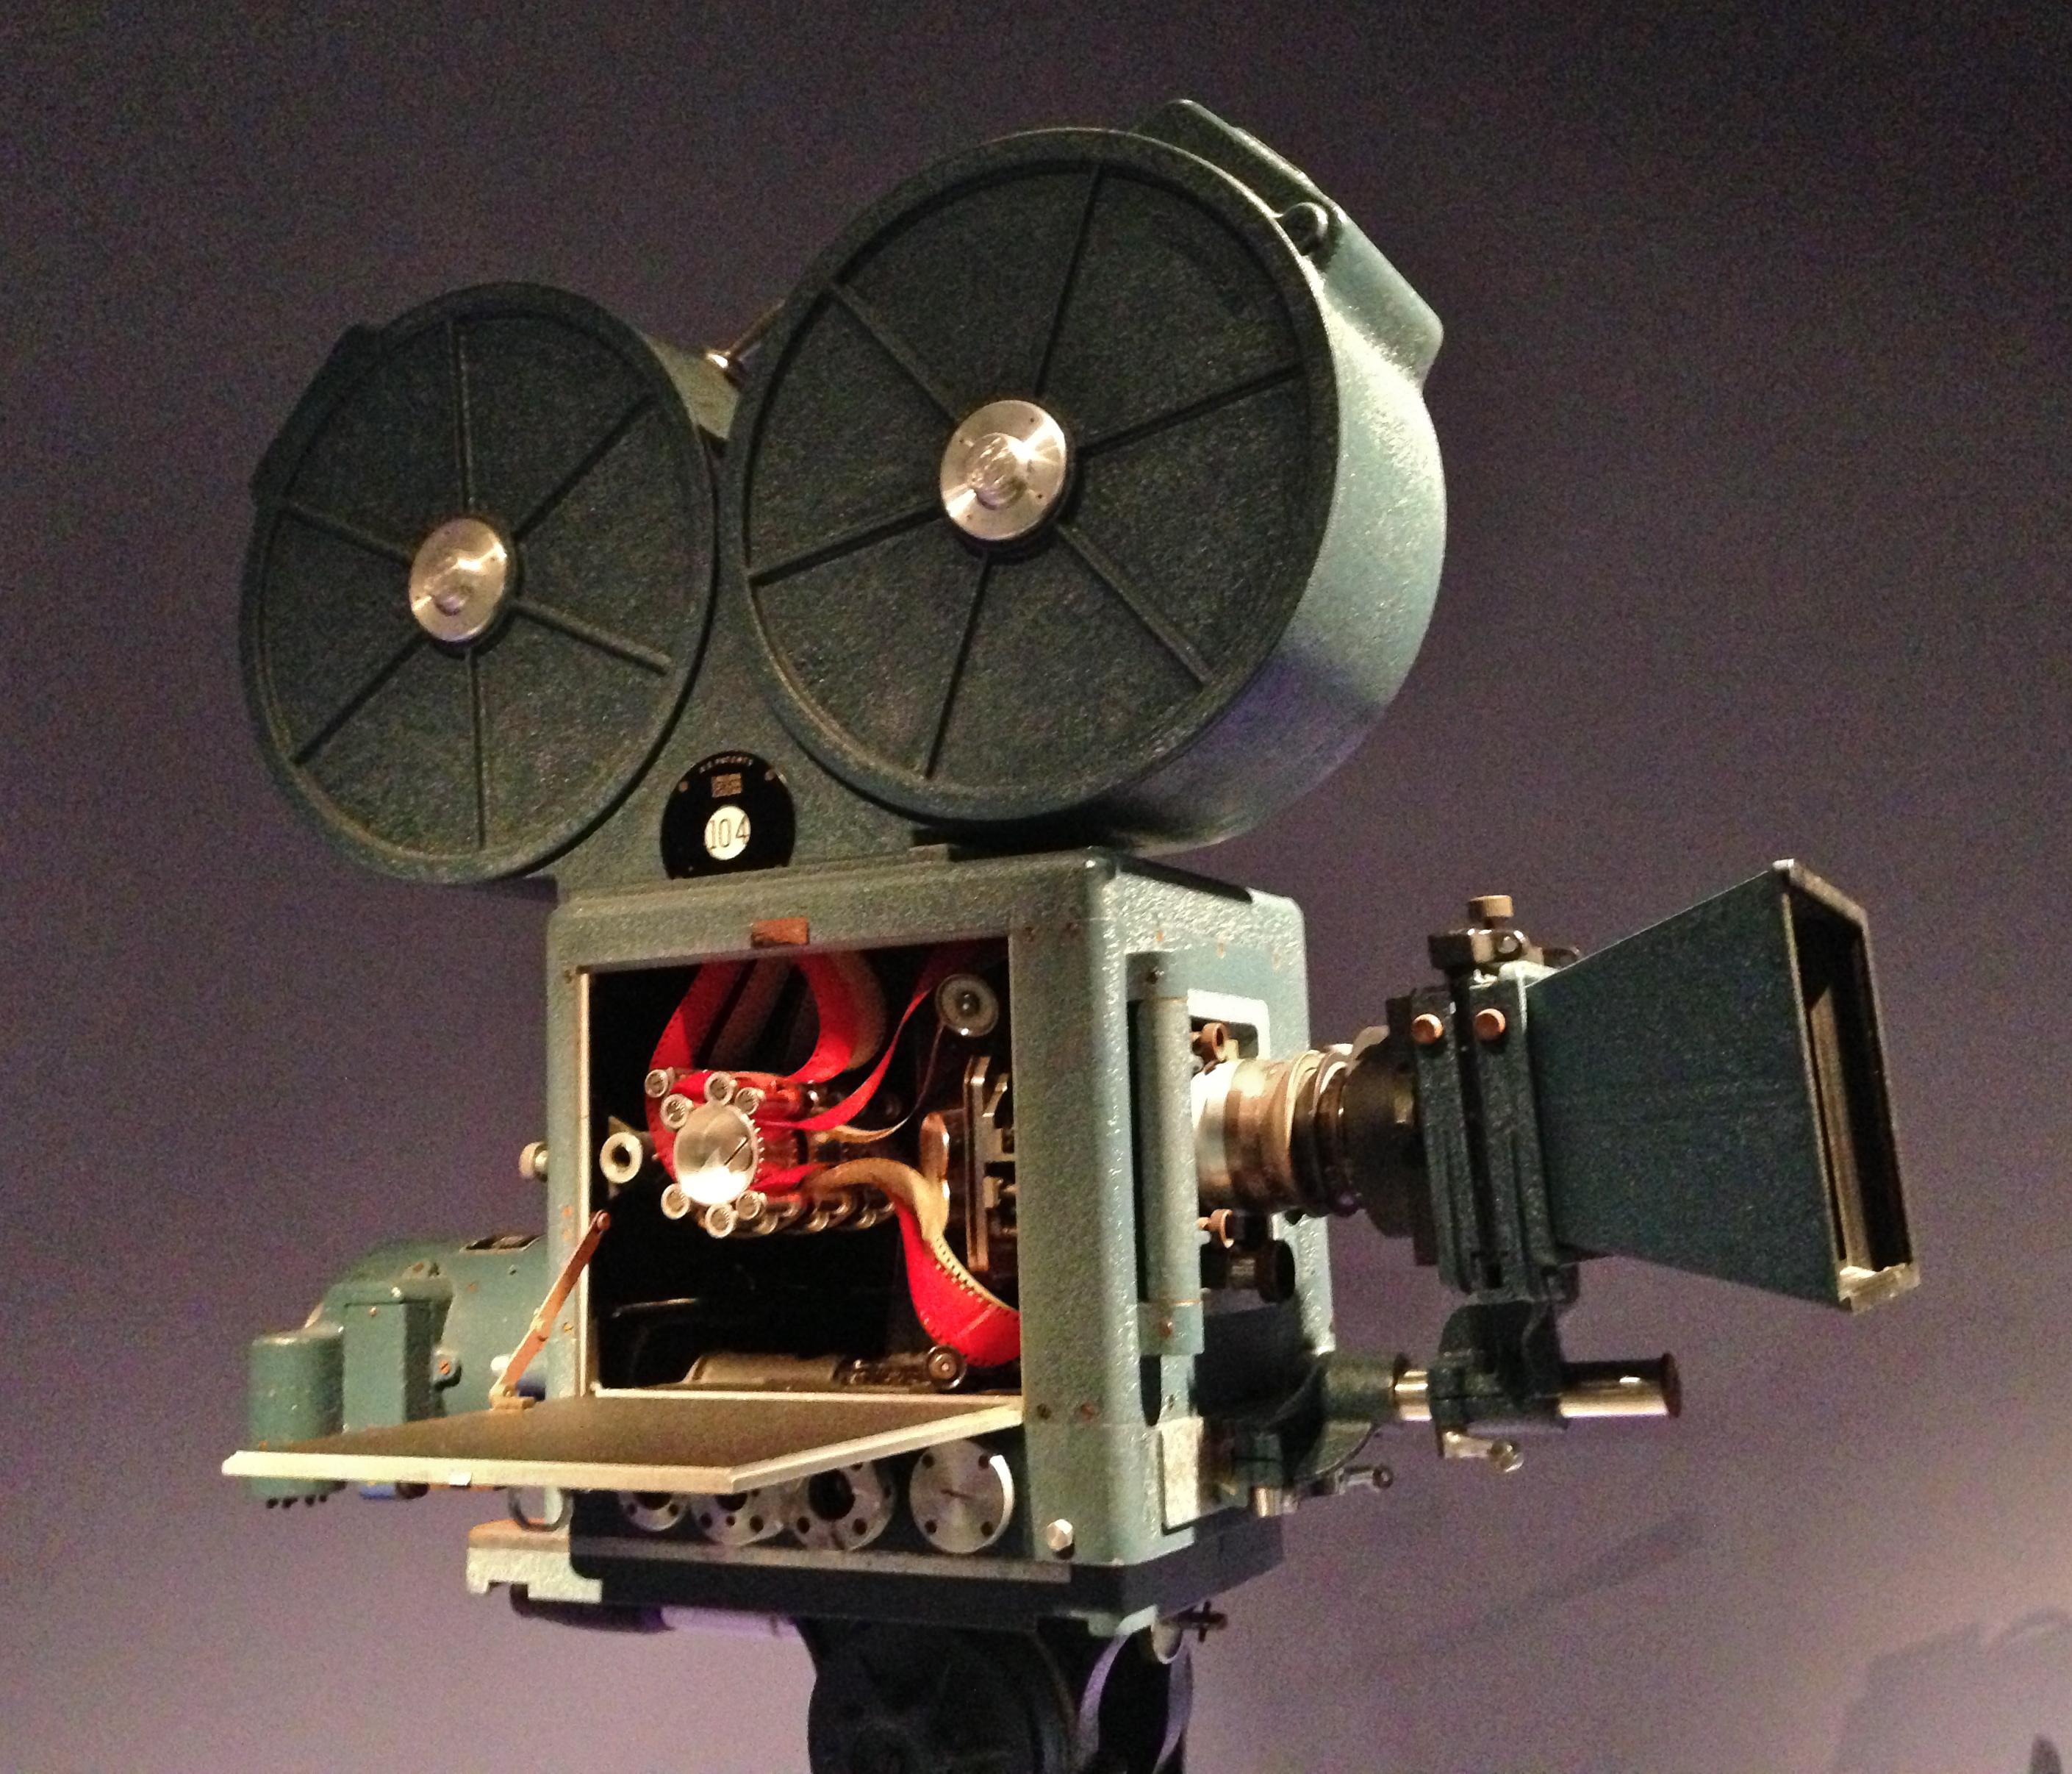 Камера, которой снимали каждый рисунок, в следствие чего он становился цветным. Кстати, бобины на камере подозрительно напоминают уши Микки Мауса